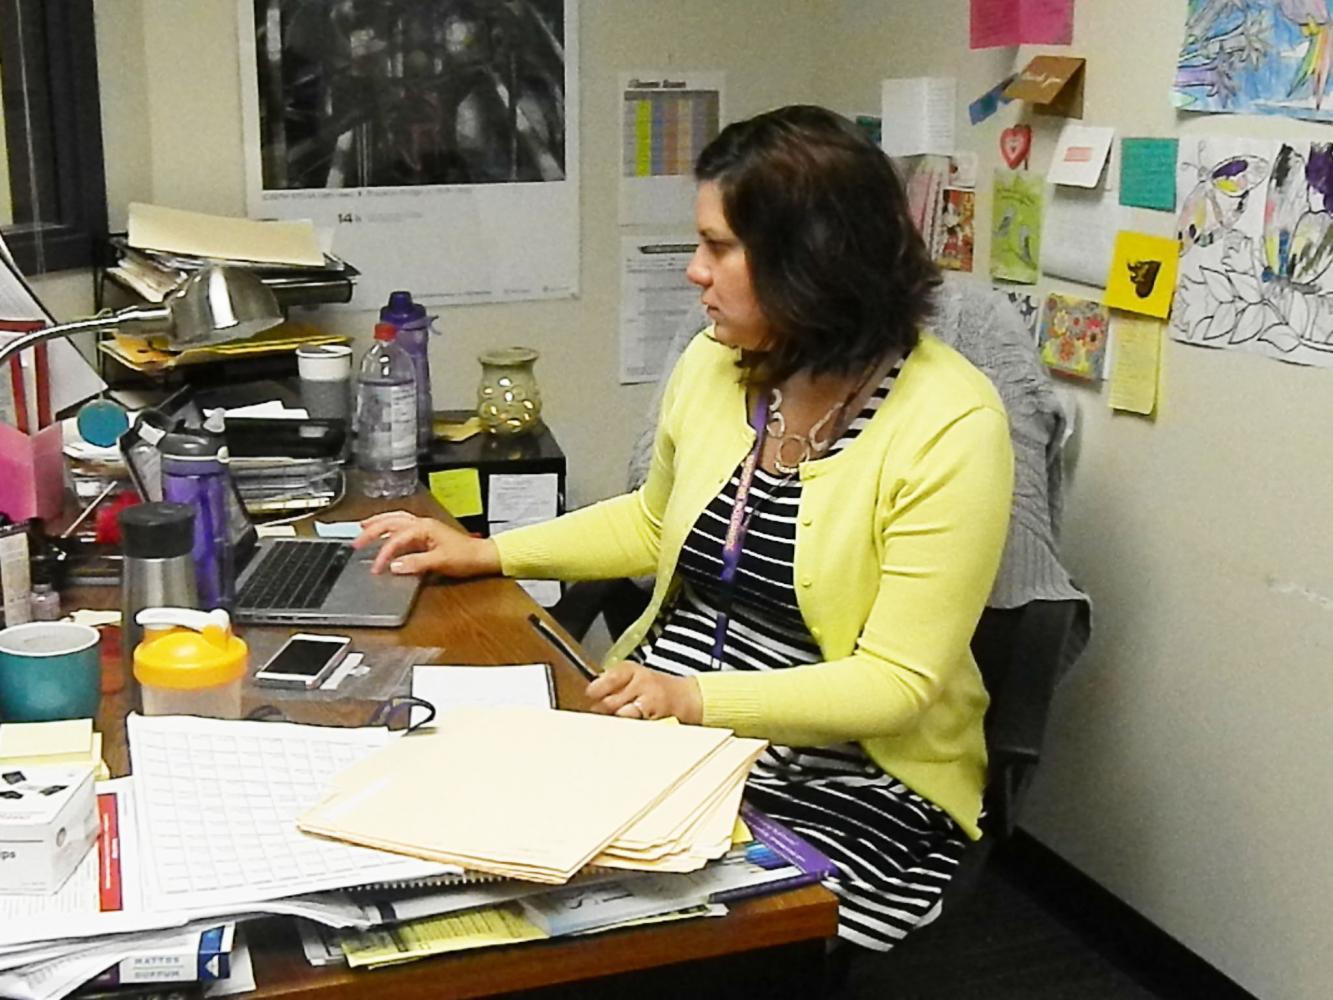 Jill Versteeg checks her computer.